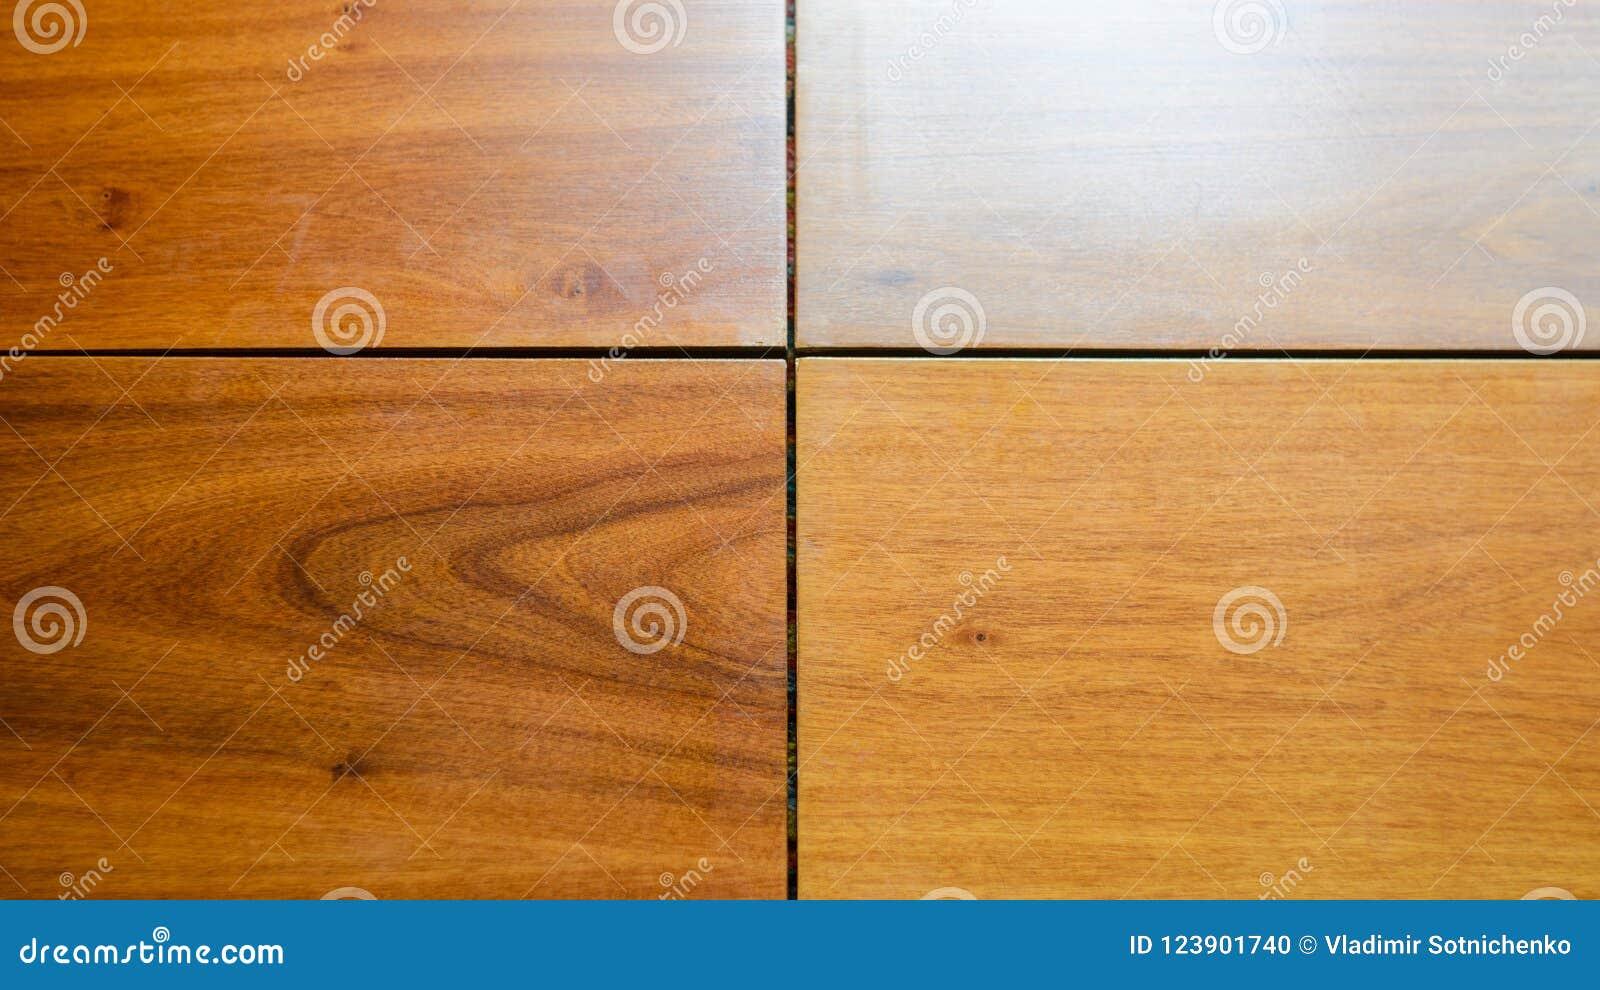 Wood Finishing Wall Panels Background Stock Photo Image Of